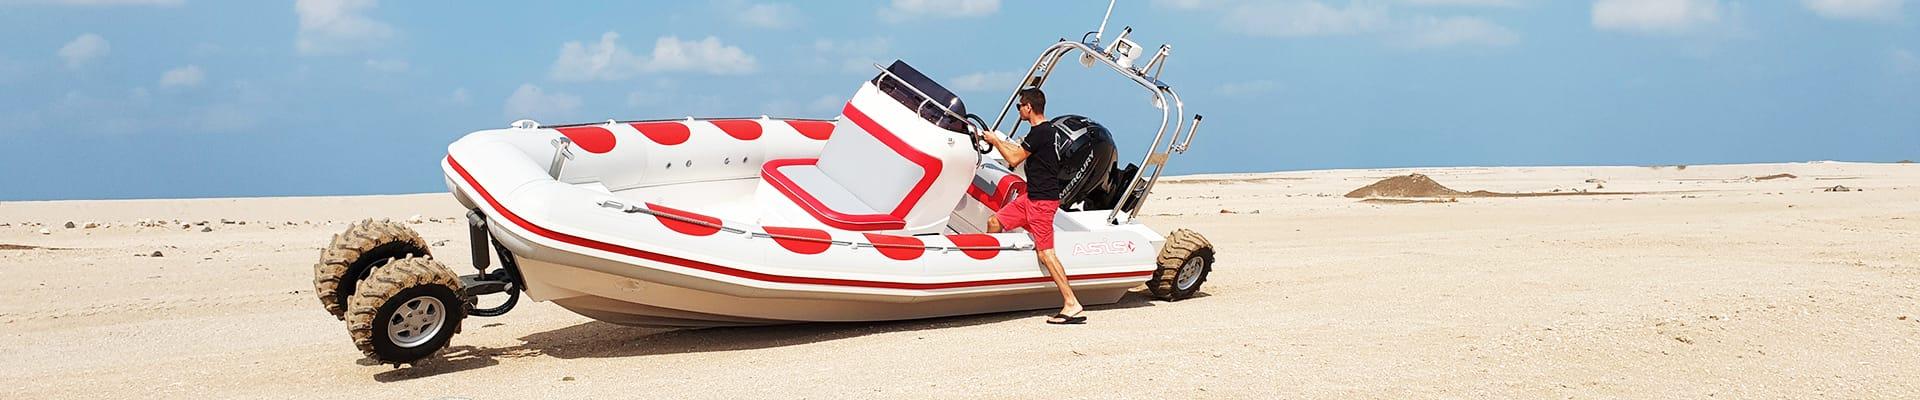 tender-amphibious-boat-7.1-meter